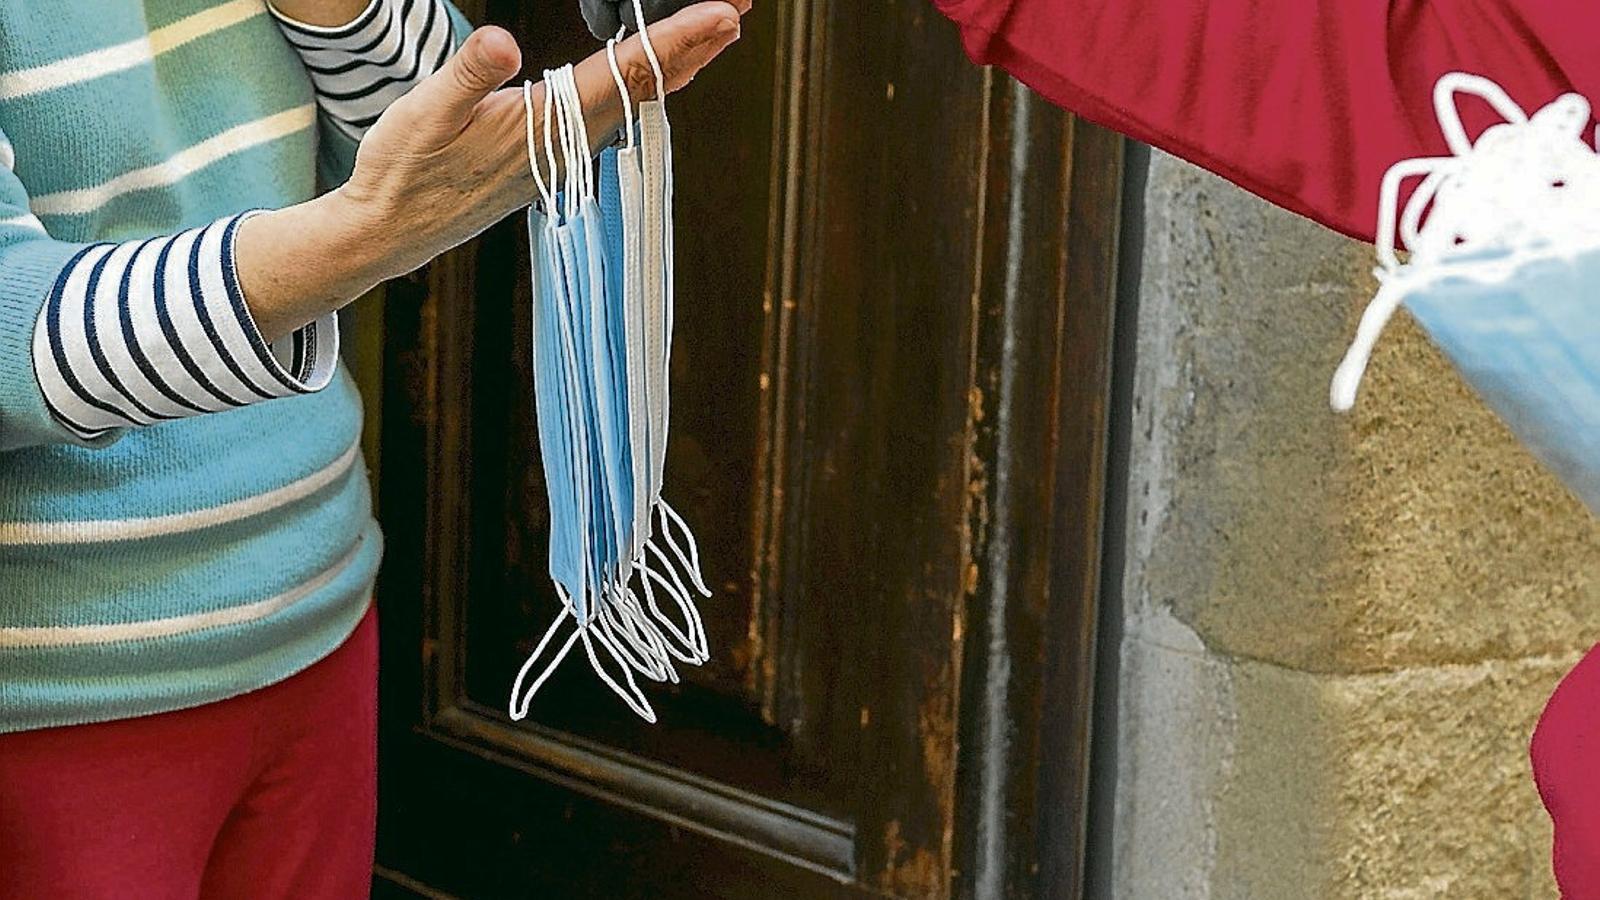 Distribueixen mascaretes a la població de Florència.